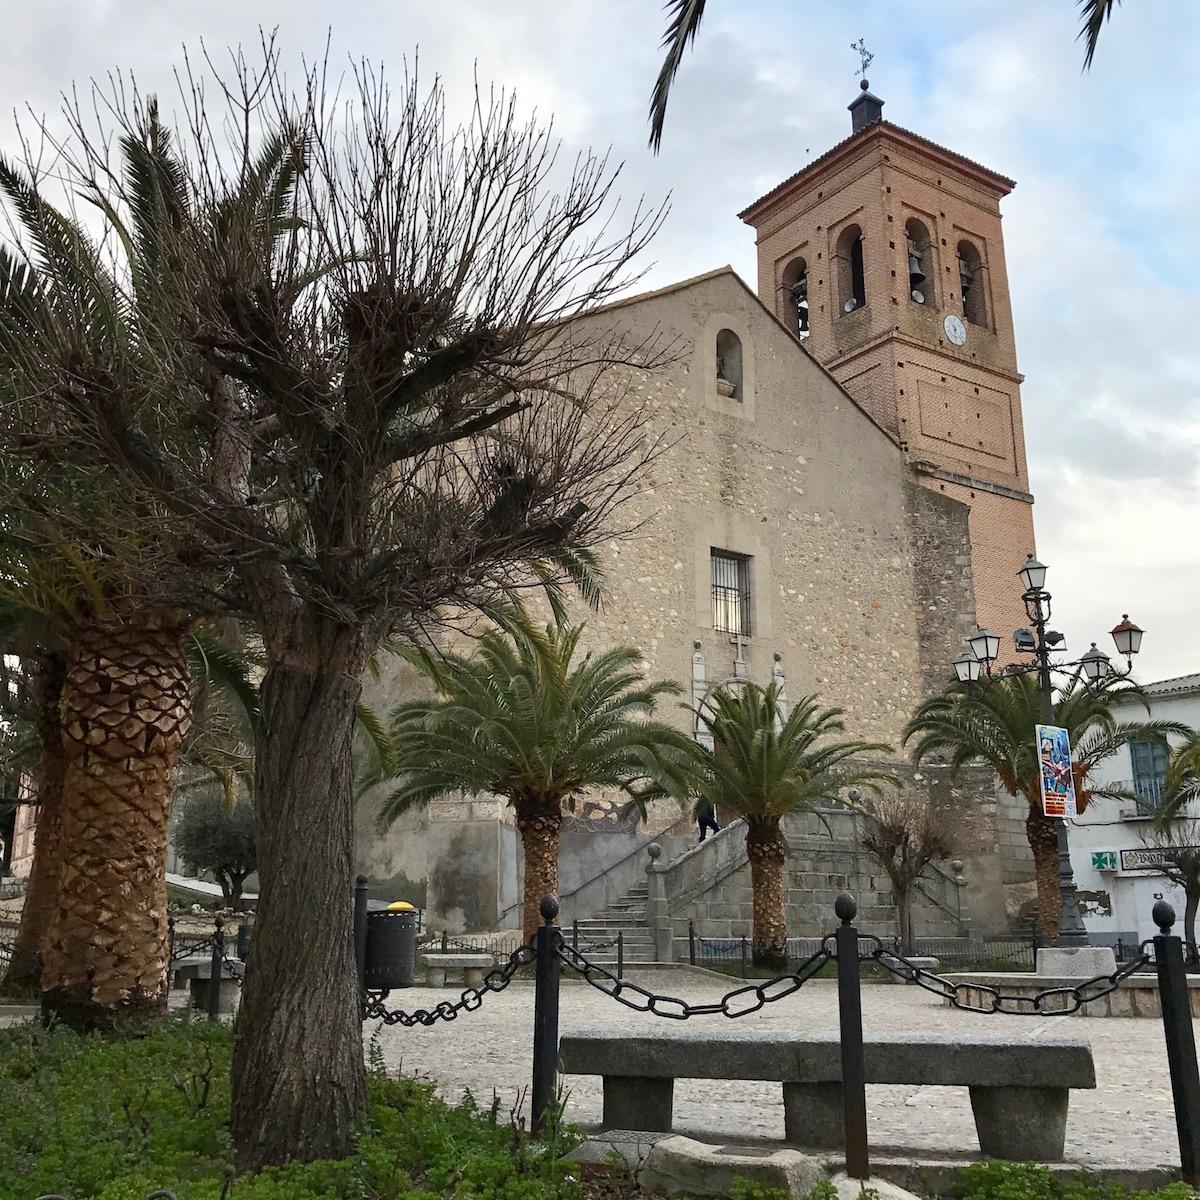 In the center of La Torre de Esteban Hambrán.